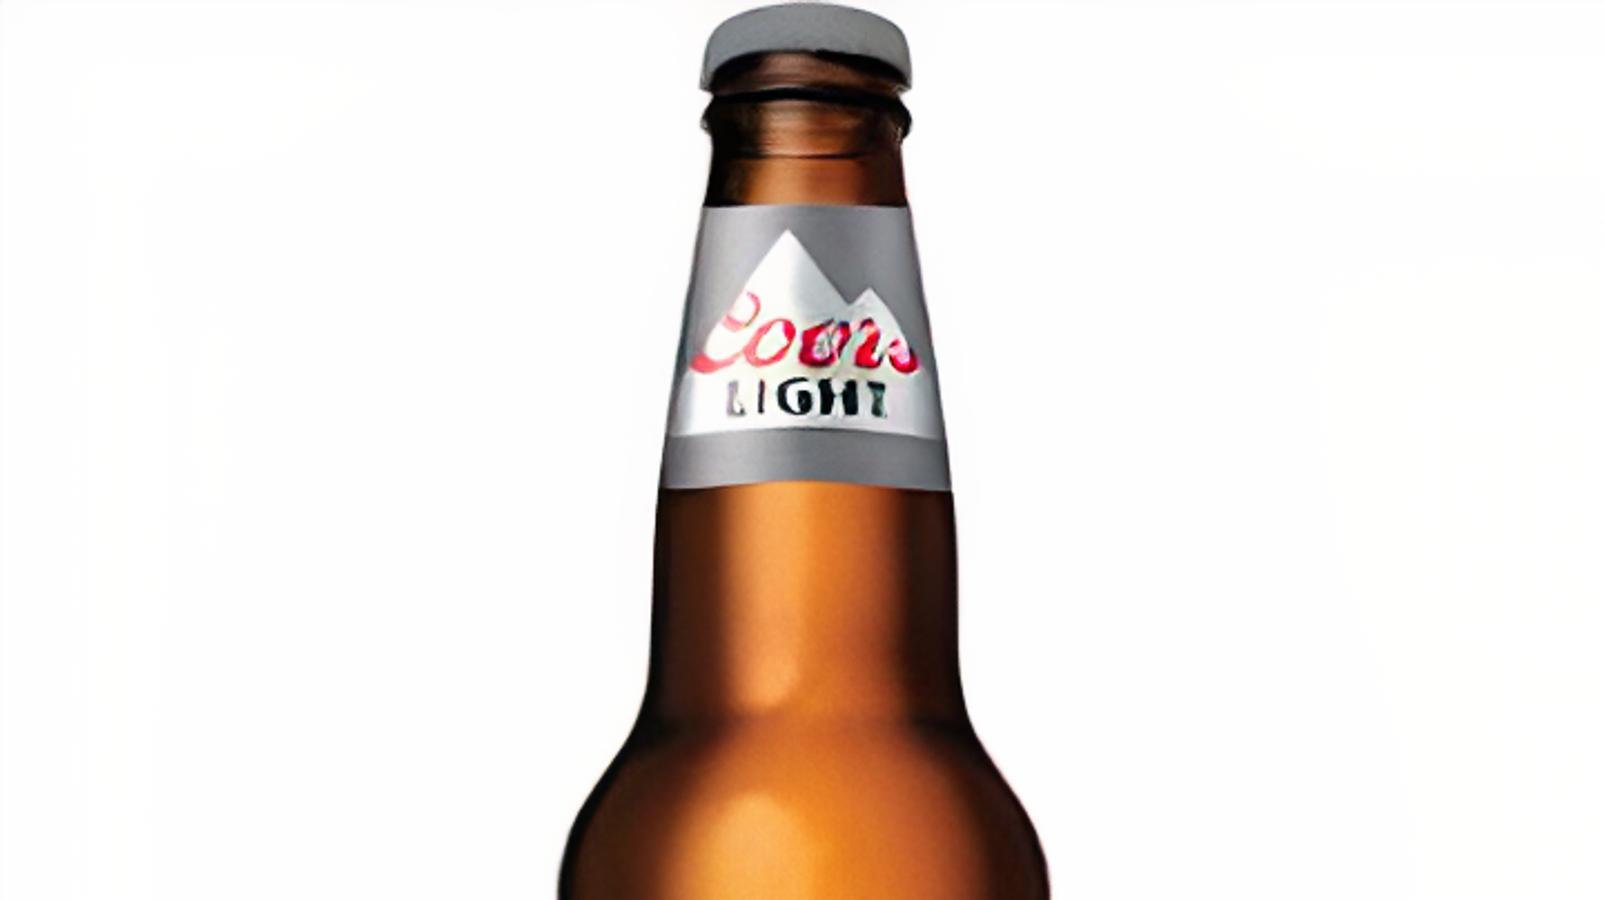 Coors Light, 12oz bottled beer (4.2% ABV)